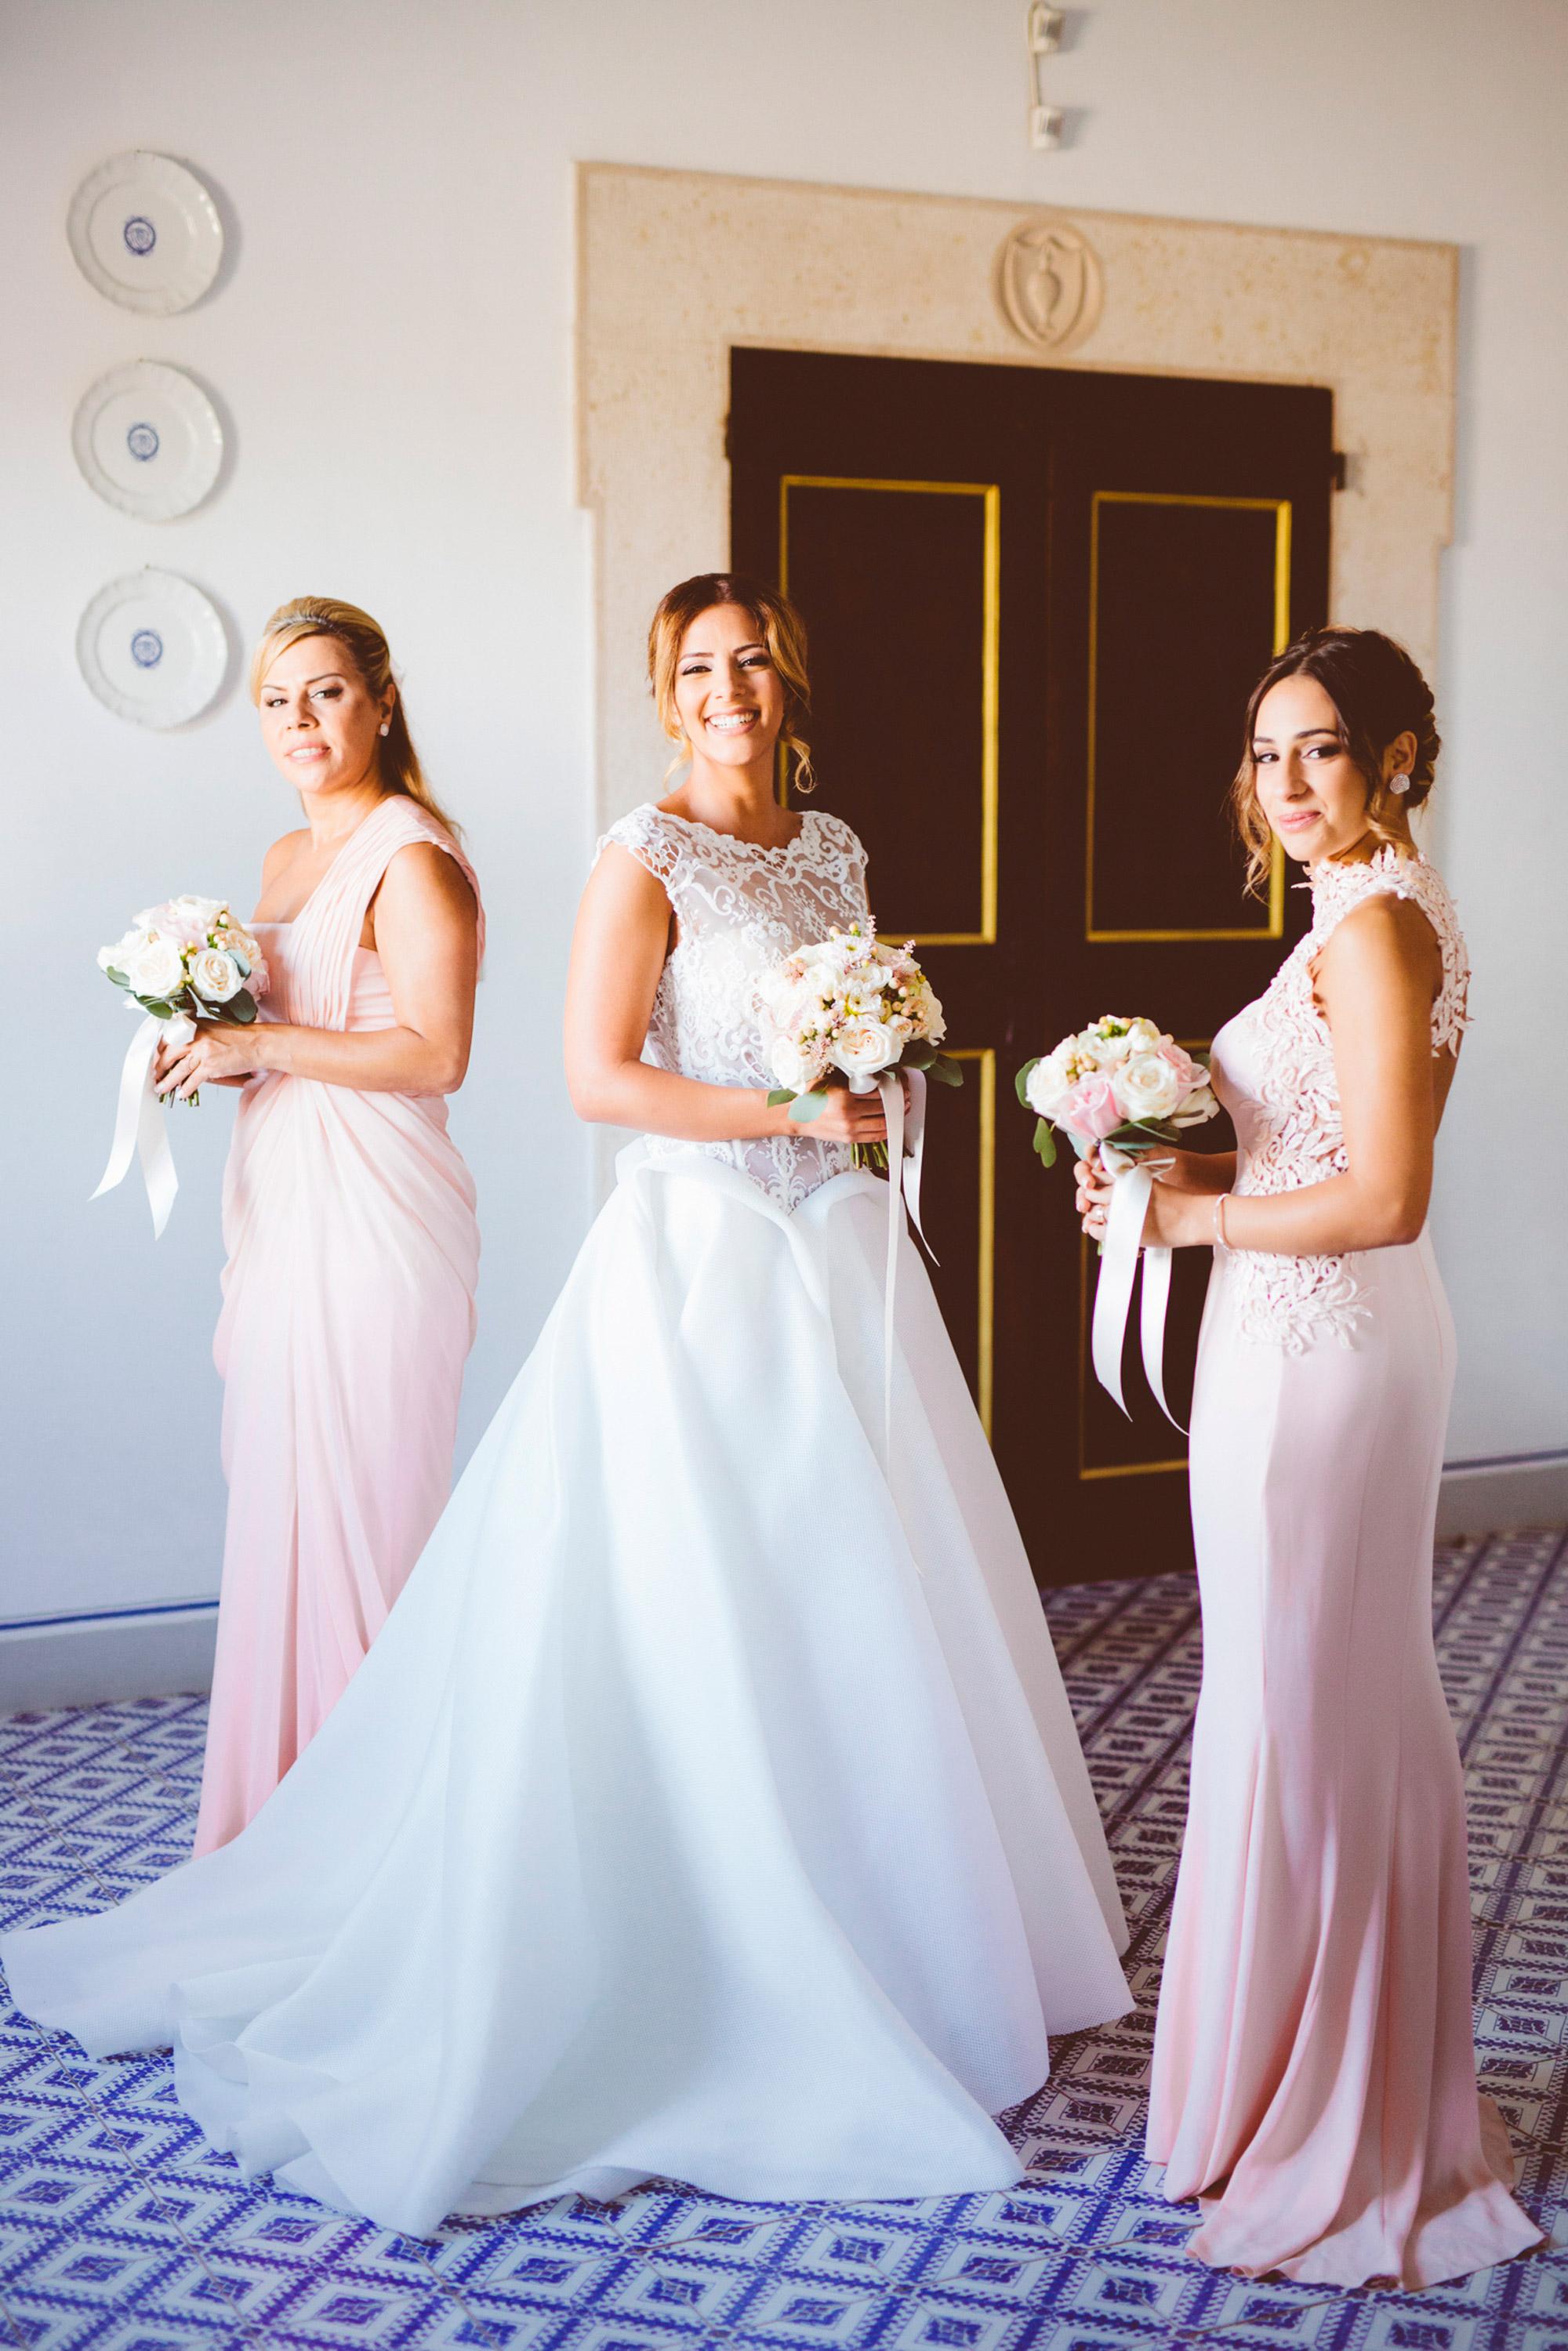 024-santamarinella-wedding-castello-odescalchi.jpg